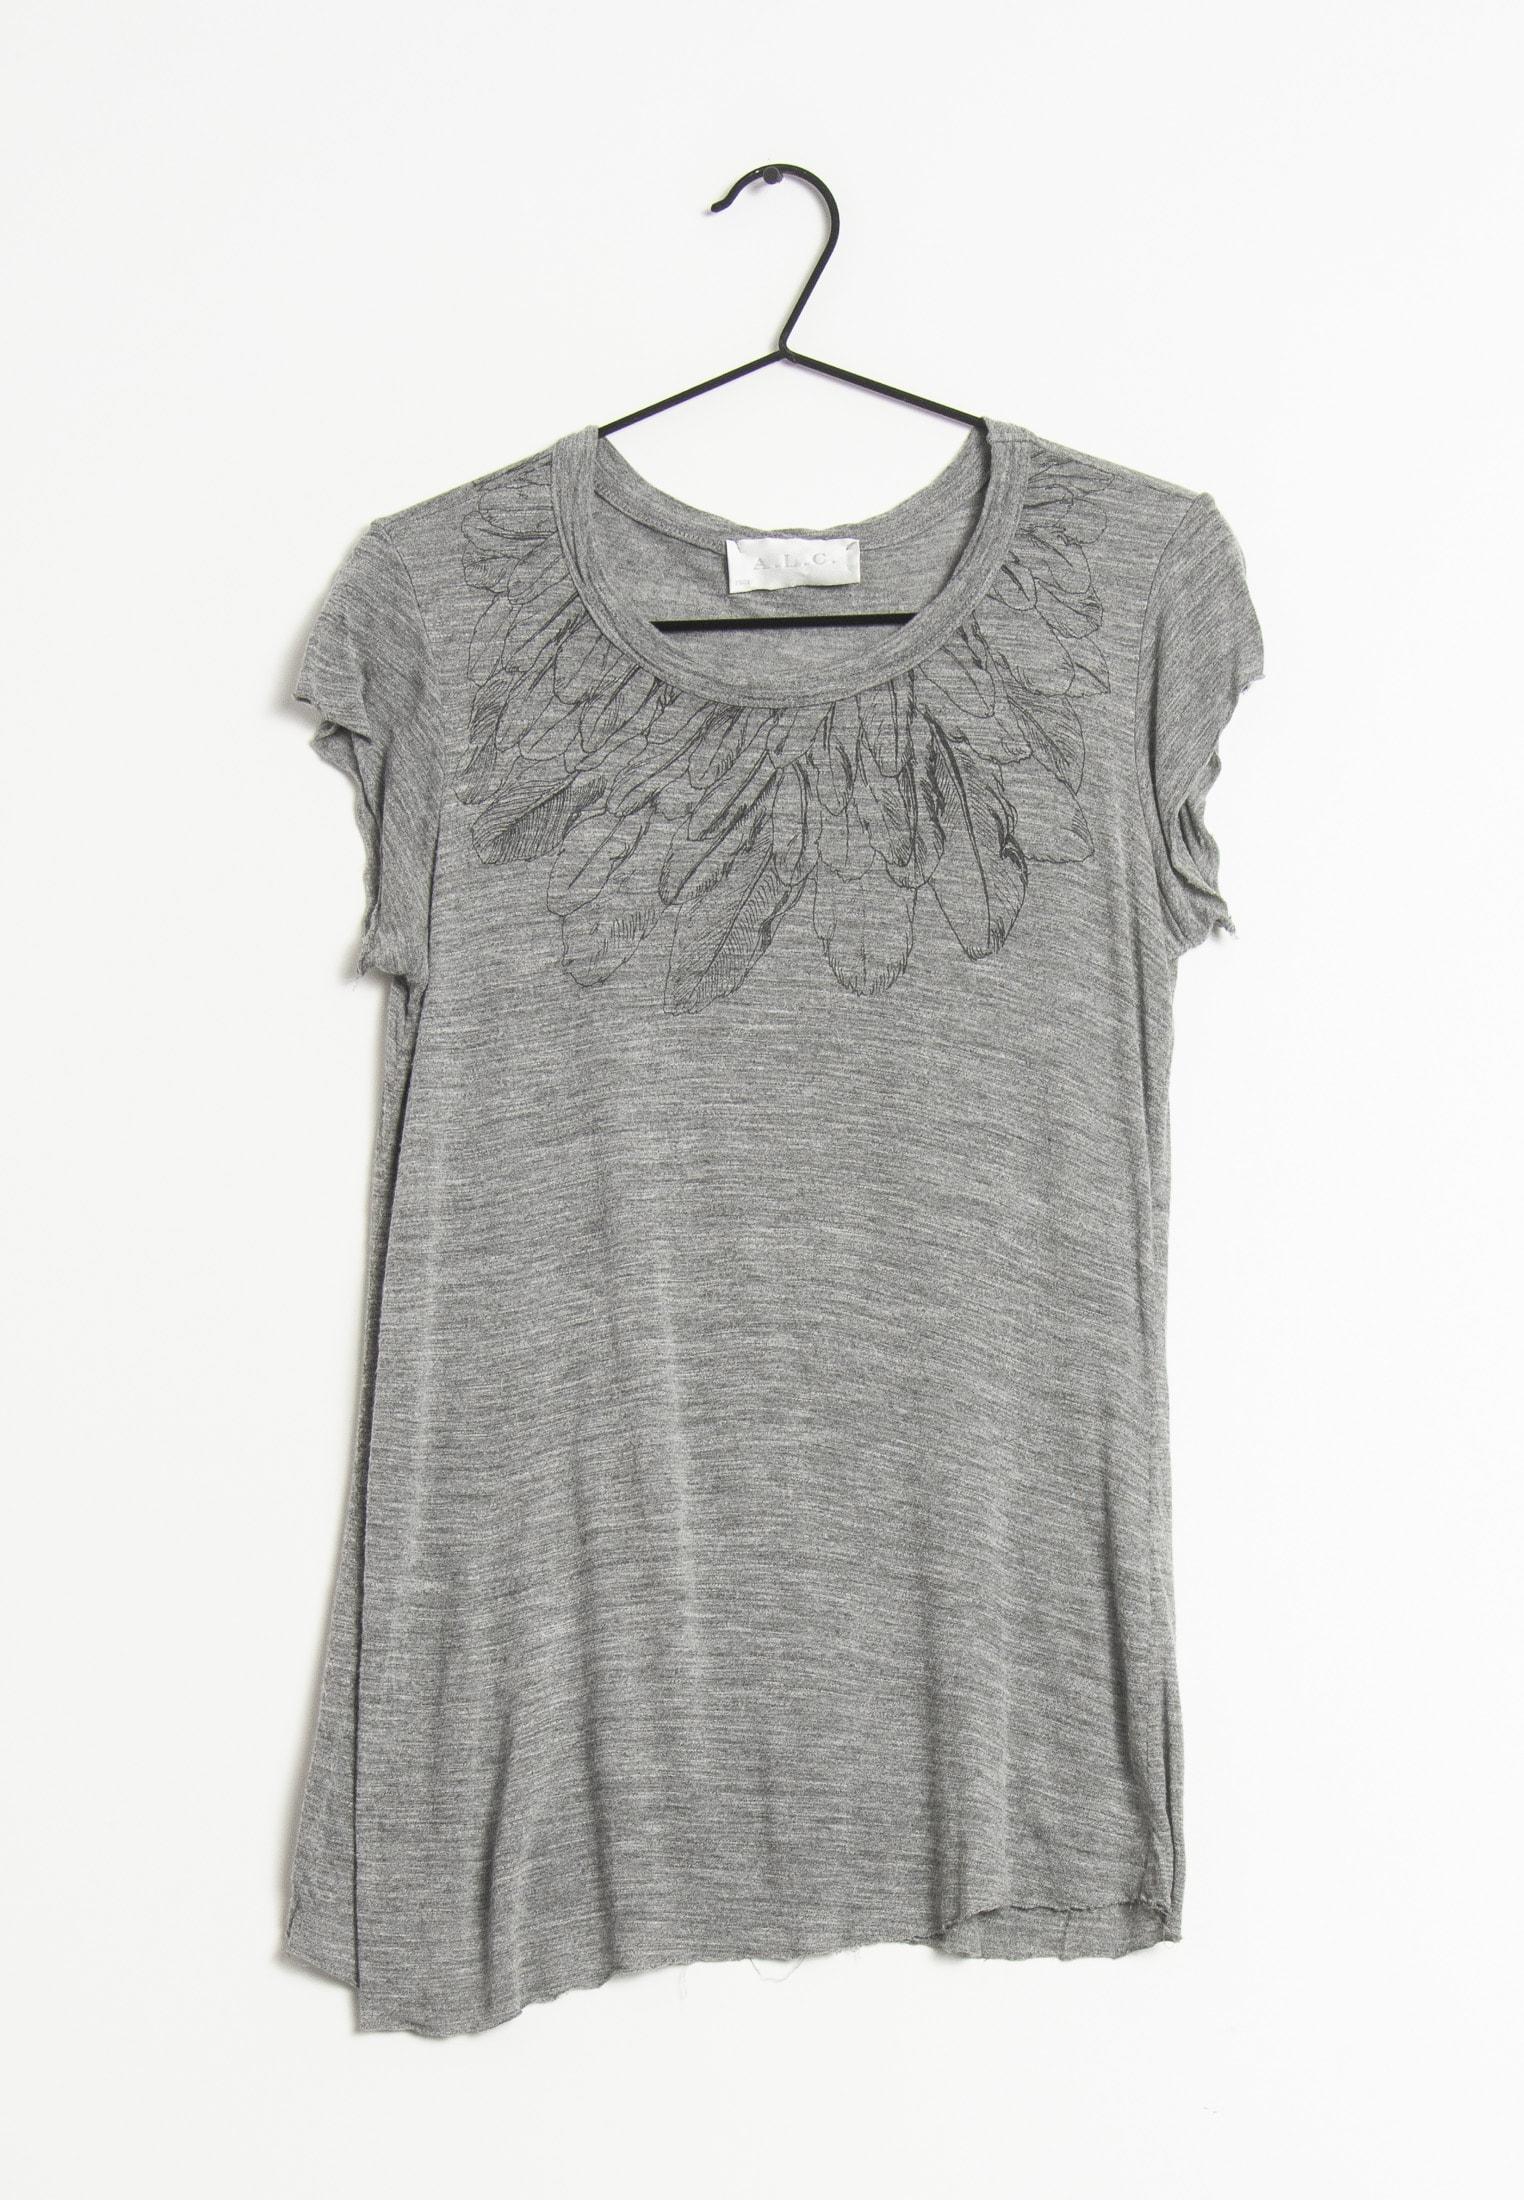 A.L.C. T-Shirt Grau Gr.S